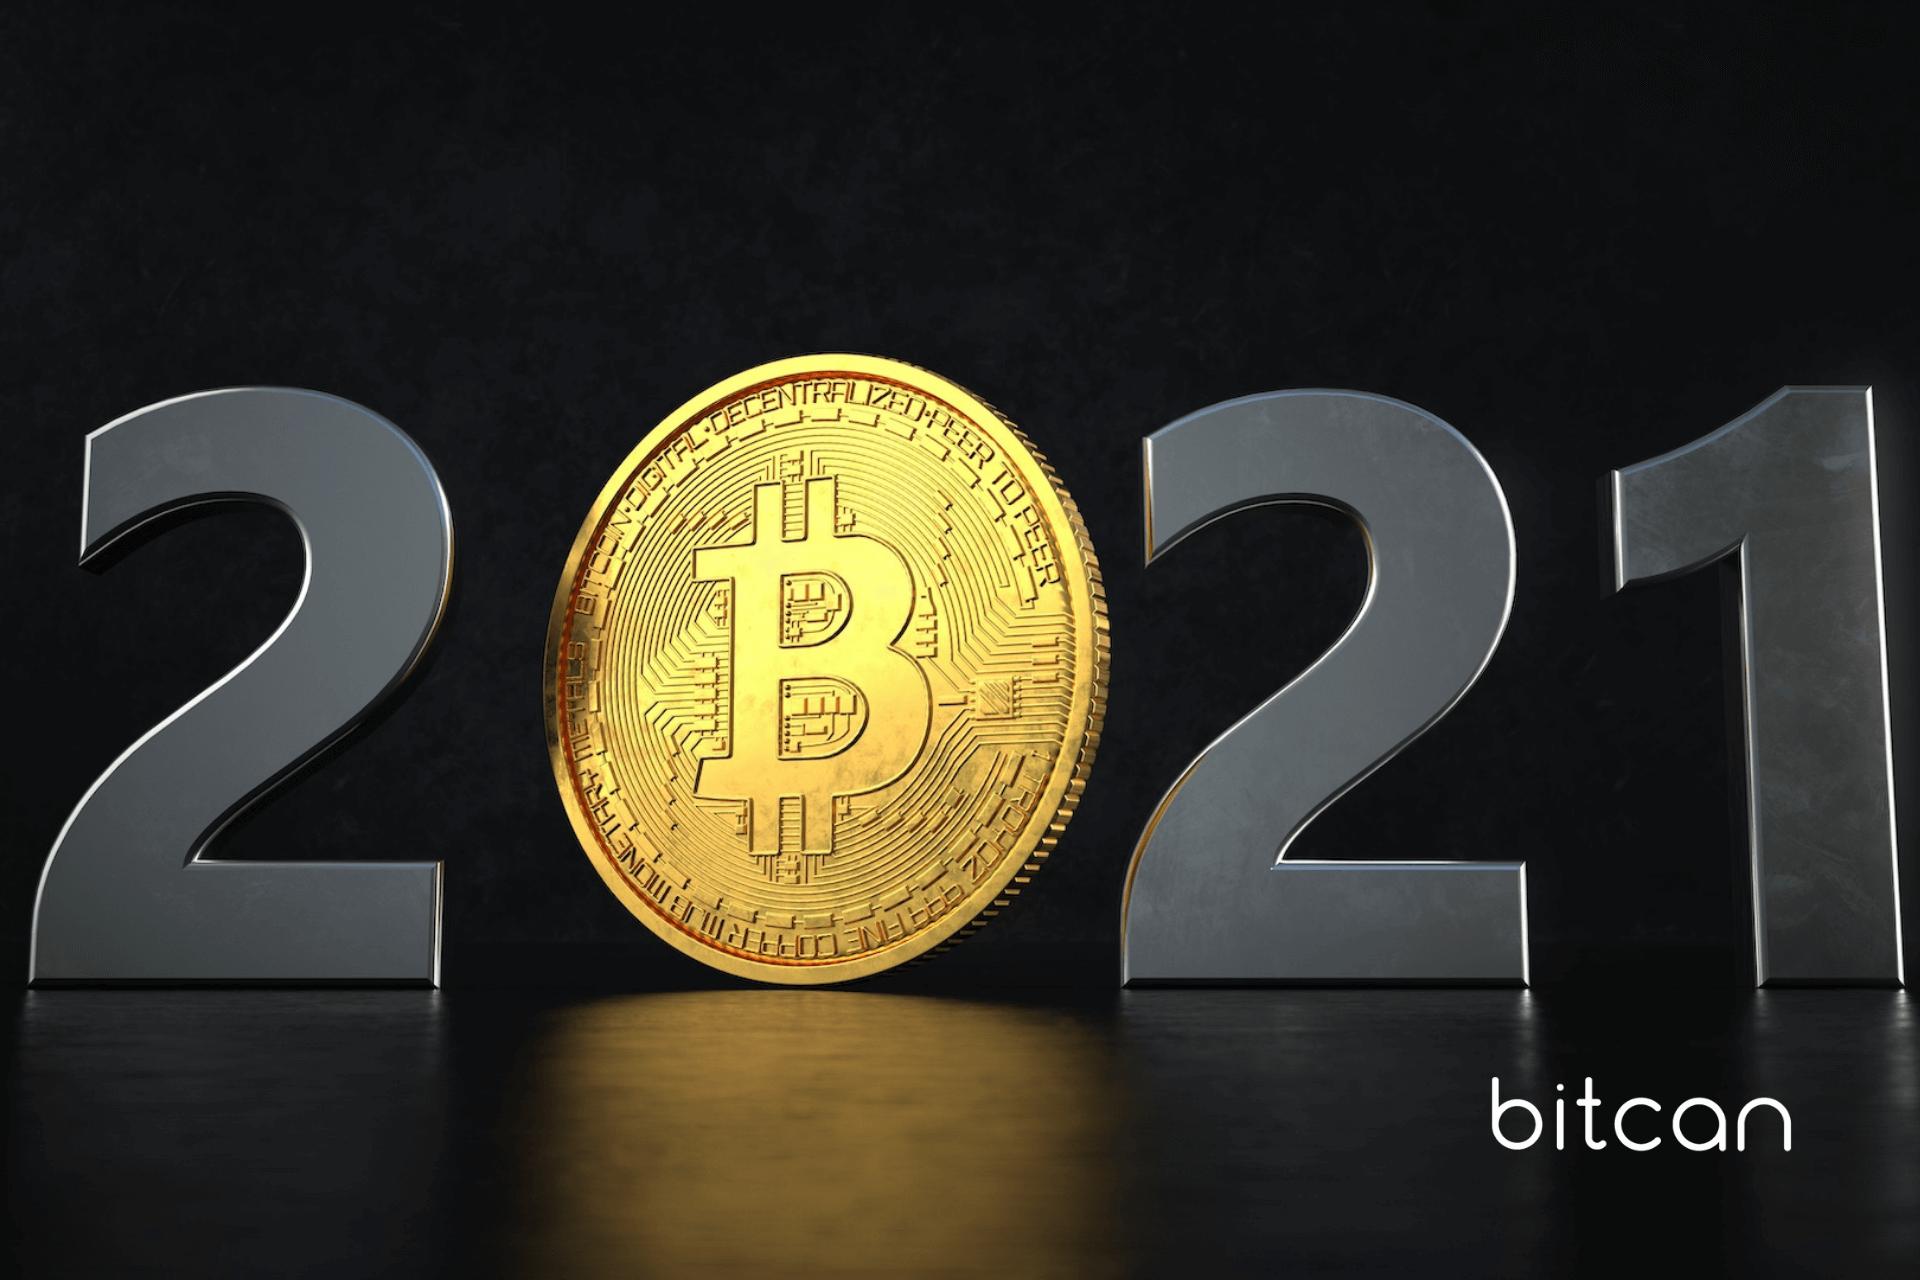 Przelicznik Bitcoin, który ułatwi Ci inwestycję. Dowiedz się, jak zarabiać szybciej